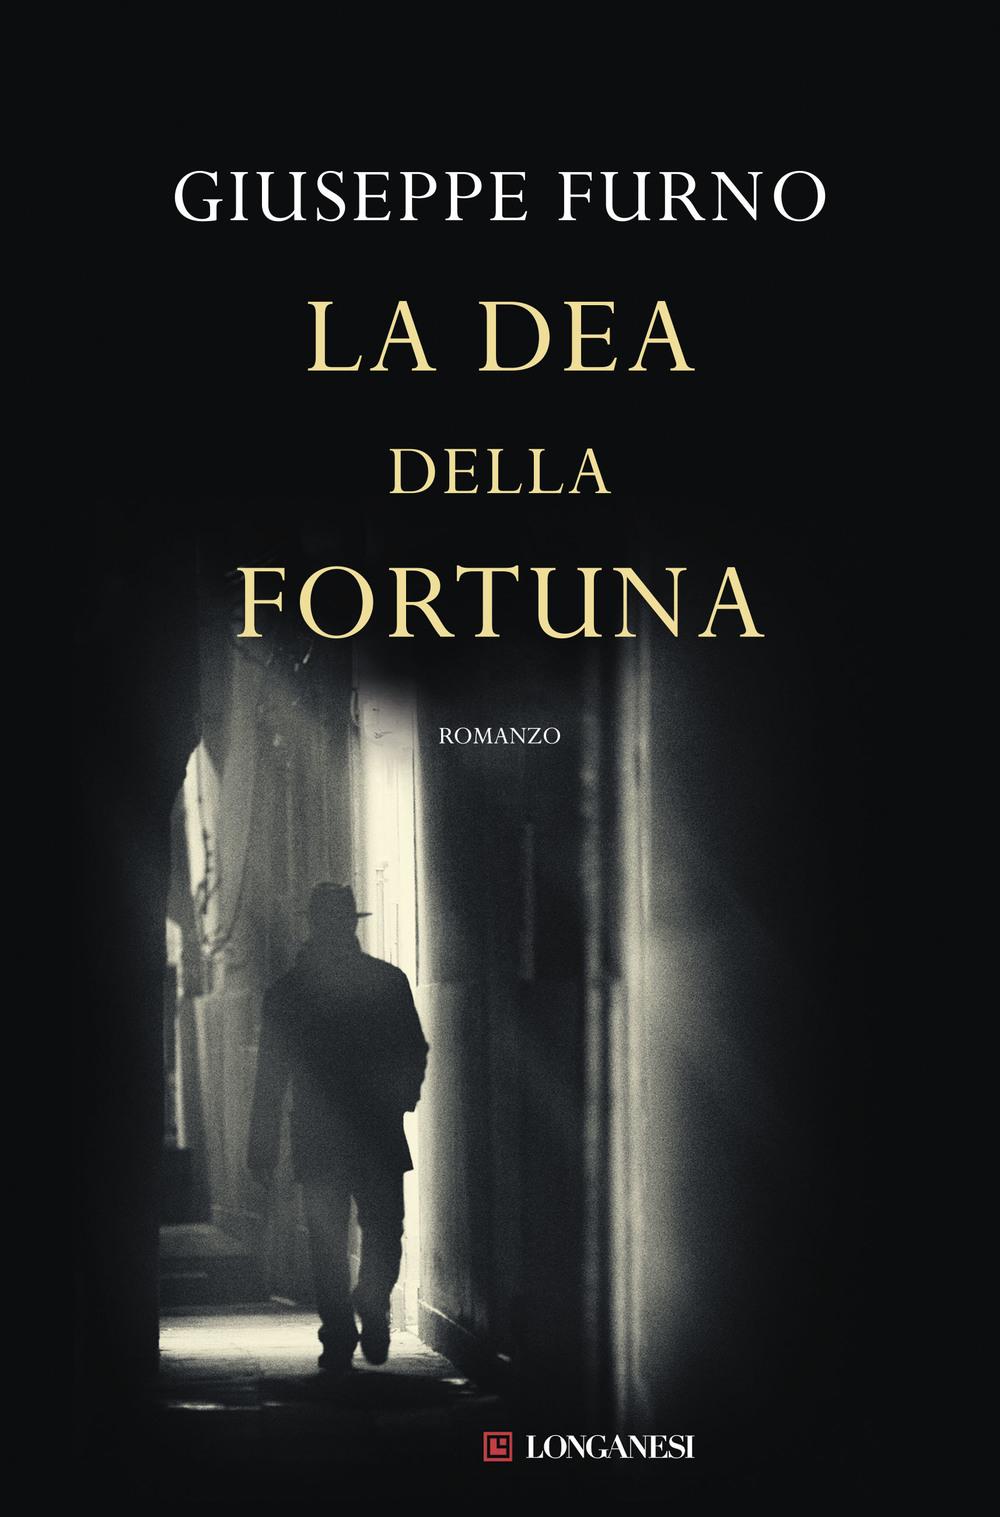 Giuseppe Furno